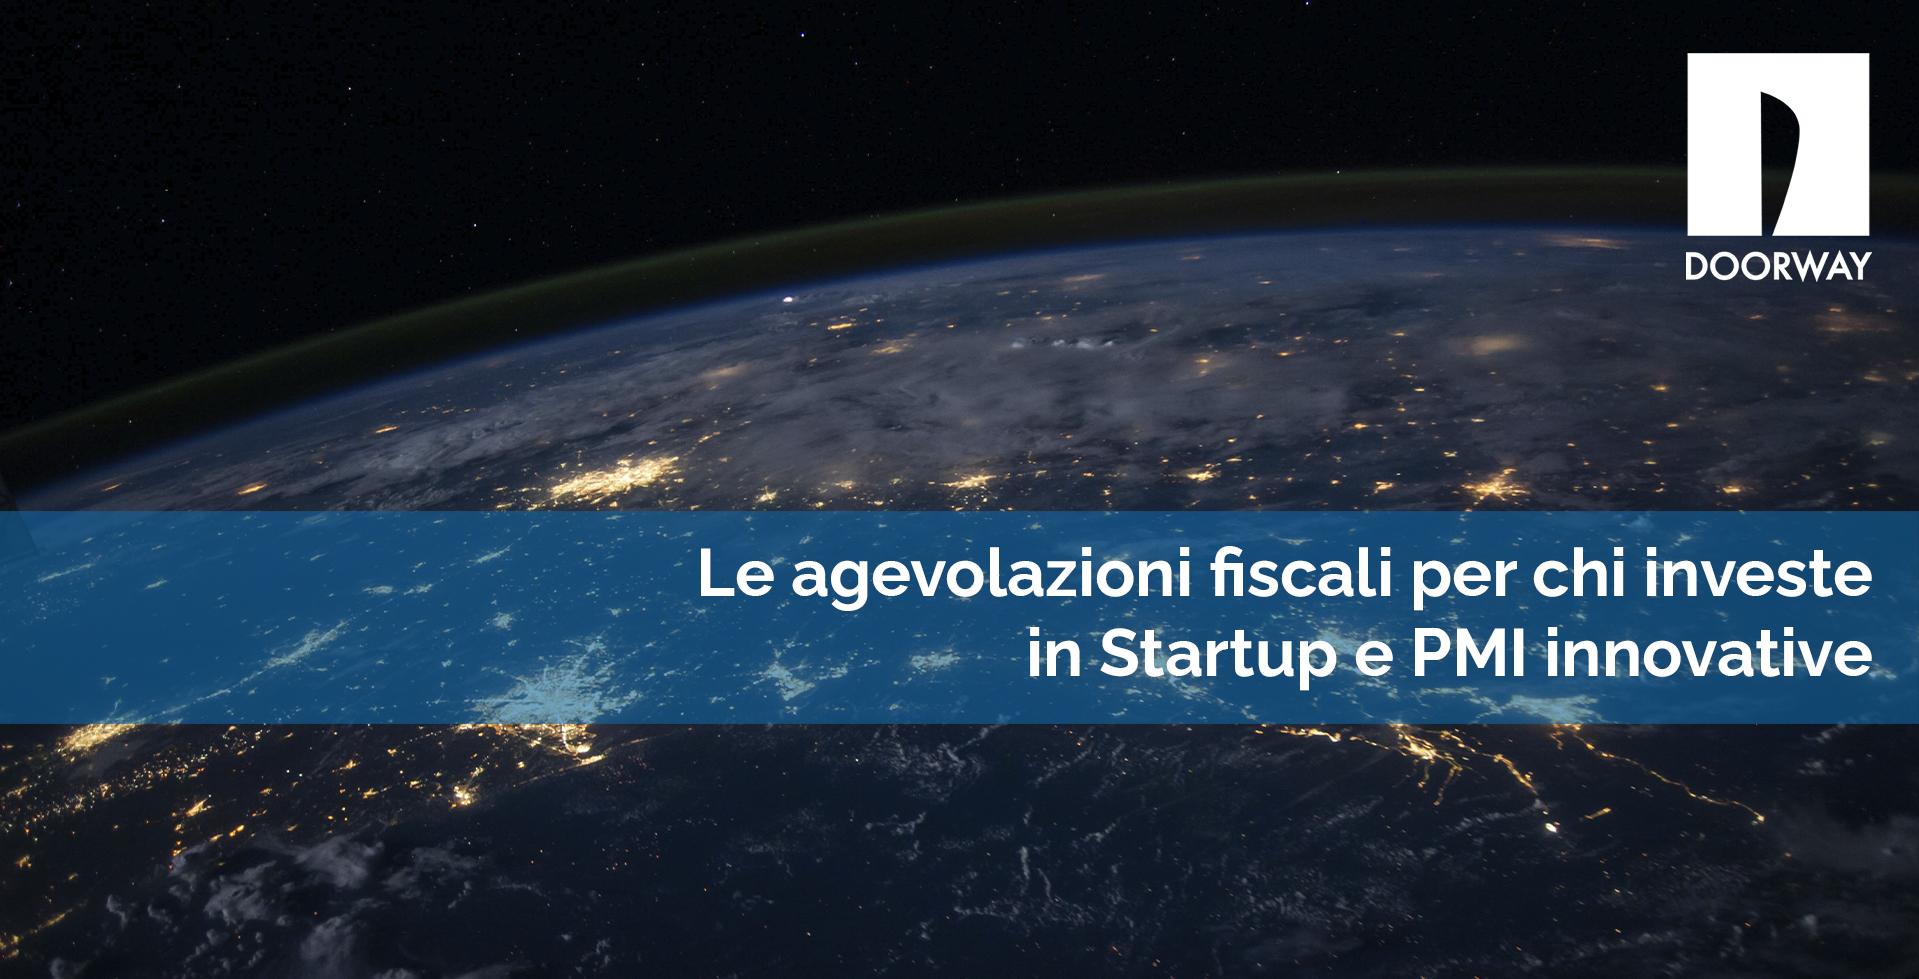 Le agevolazioni fiscali per chi investe in startup e PMI innovative